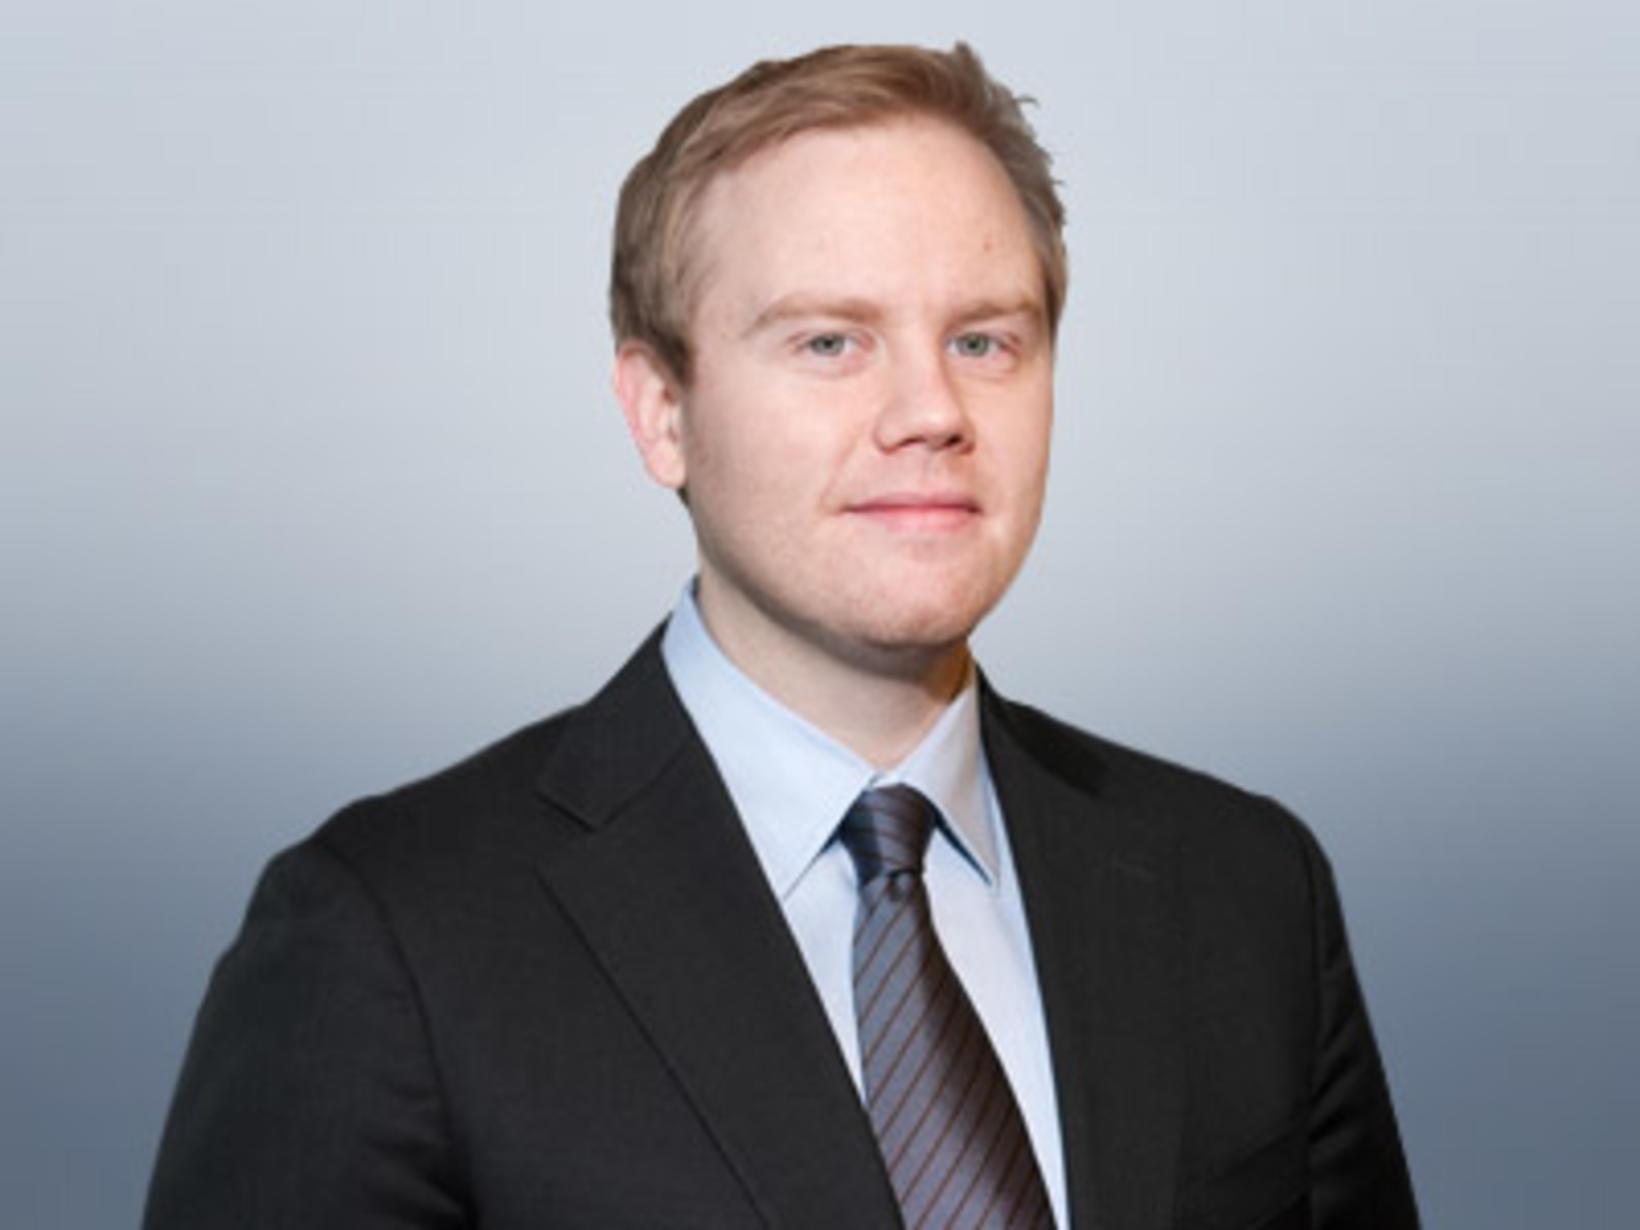 Birgir Örn Brynjólfsson hefur fest kaup á Högnuhúsinu.